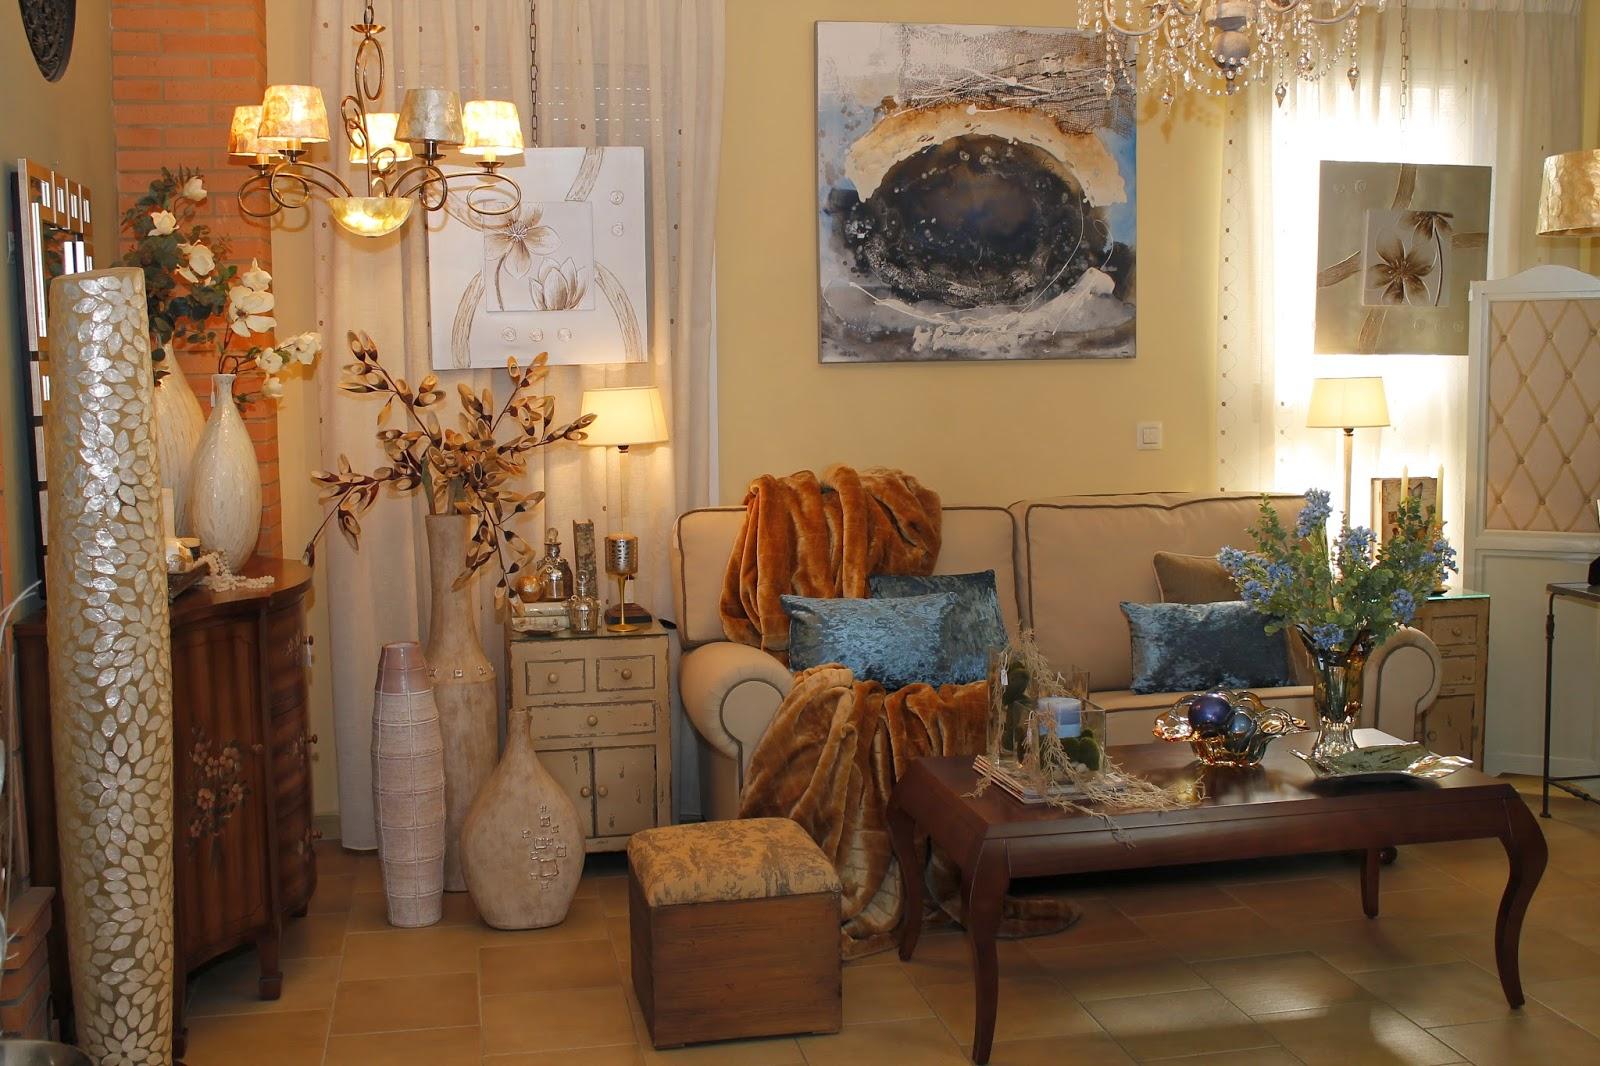 Primavera verano 2014 muebles y decoraci n - Decoracion para jarrones ...